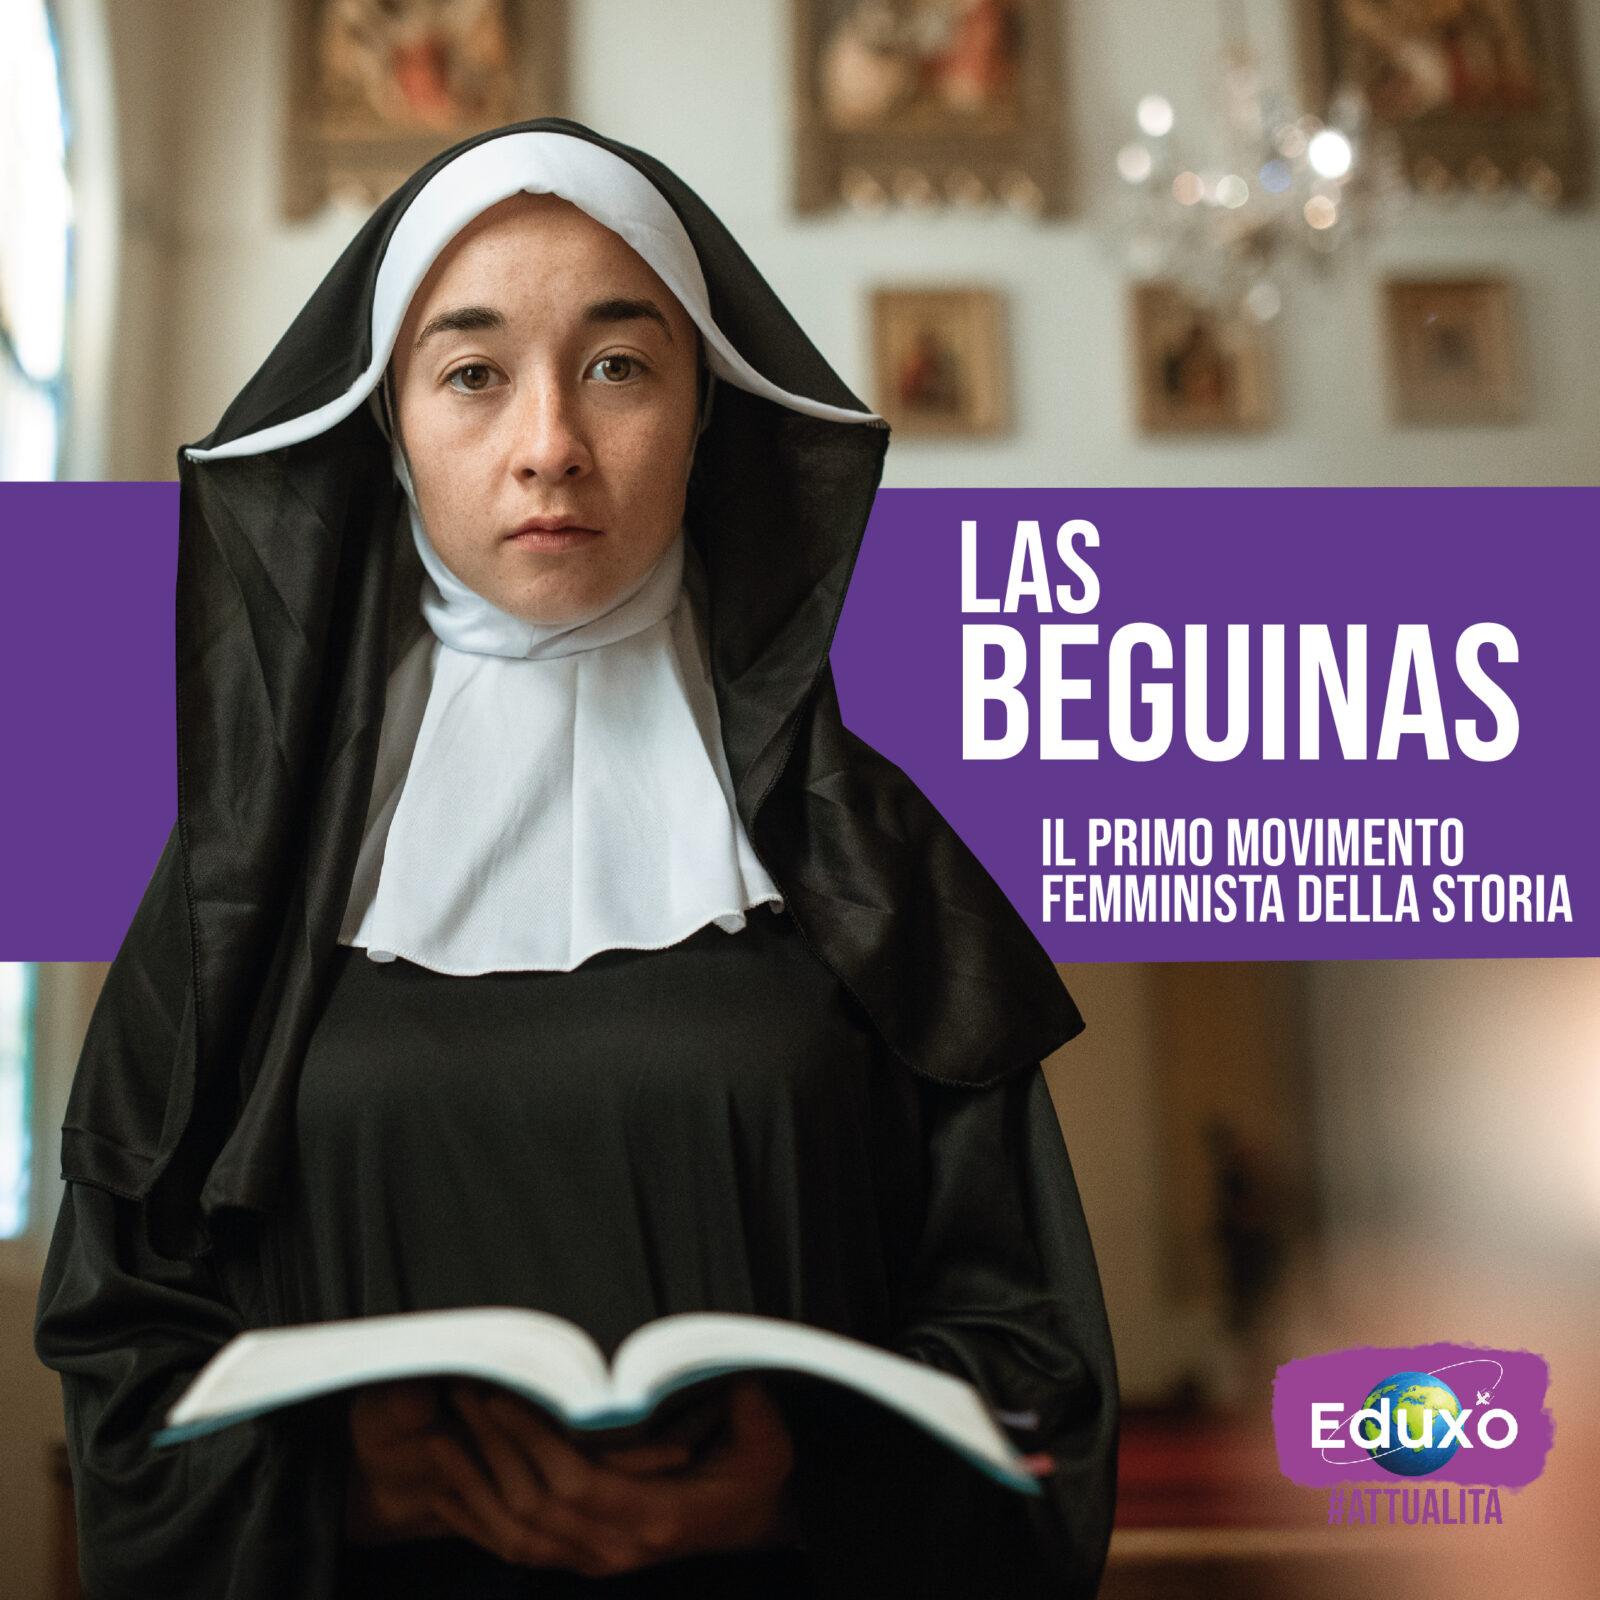 Las beguinas: il primo movimento femminista della storia